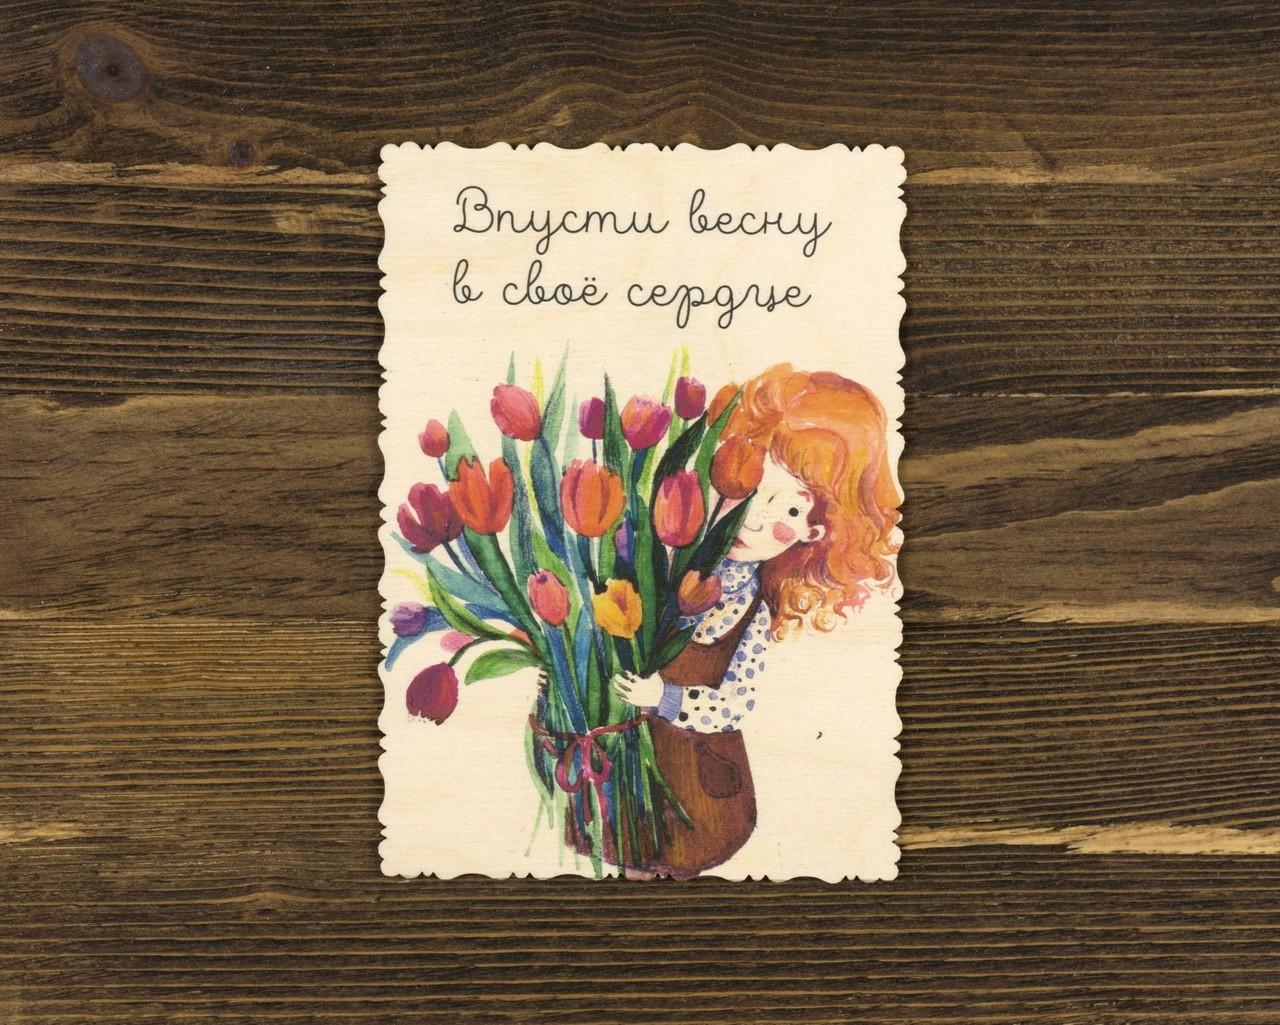 """Деревянная открытка """"Впусти весну в своё сердце"""" Анны Турченко"""